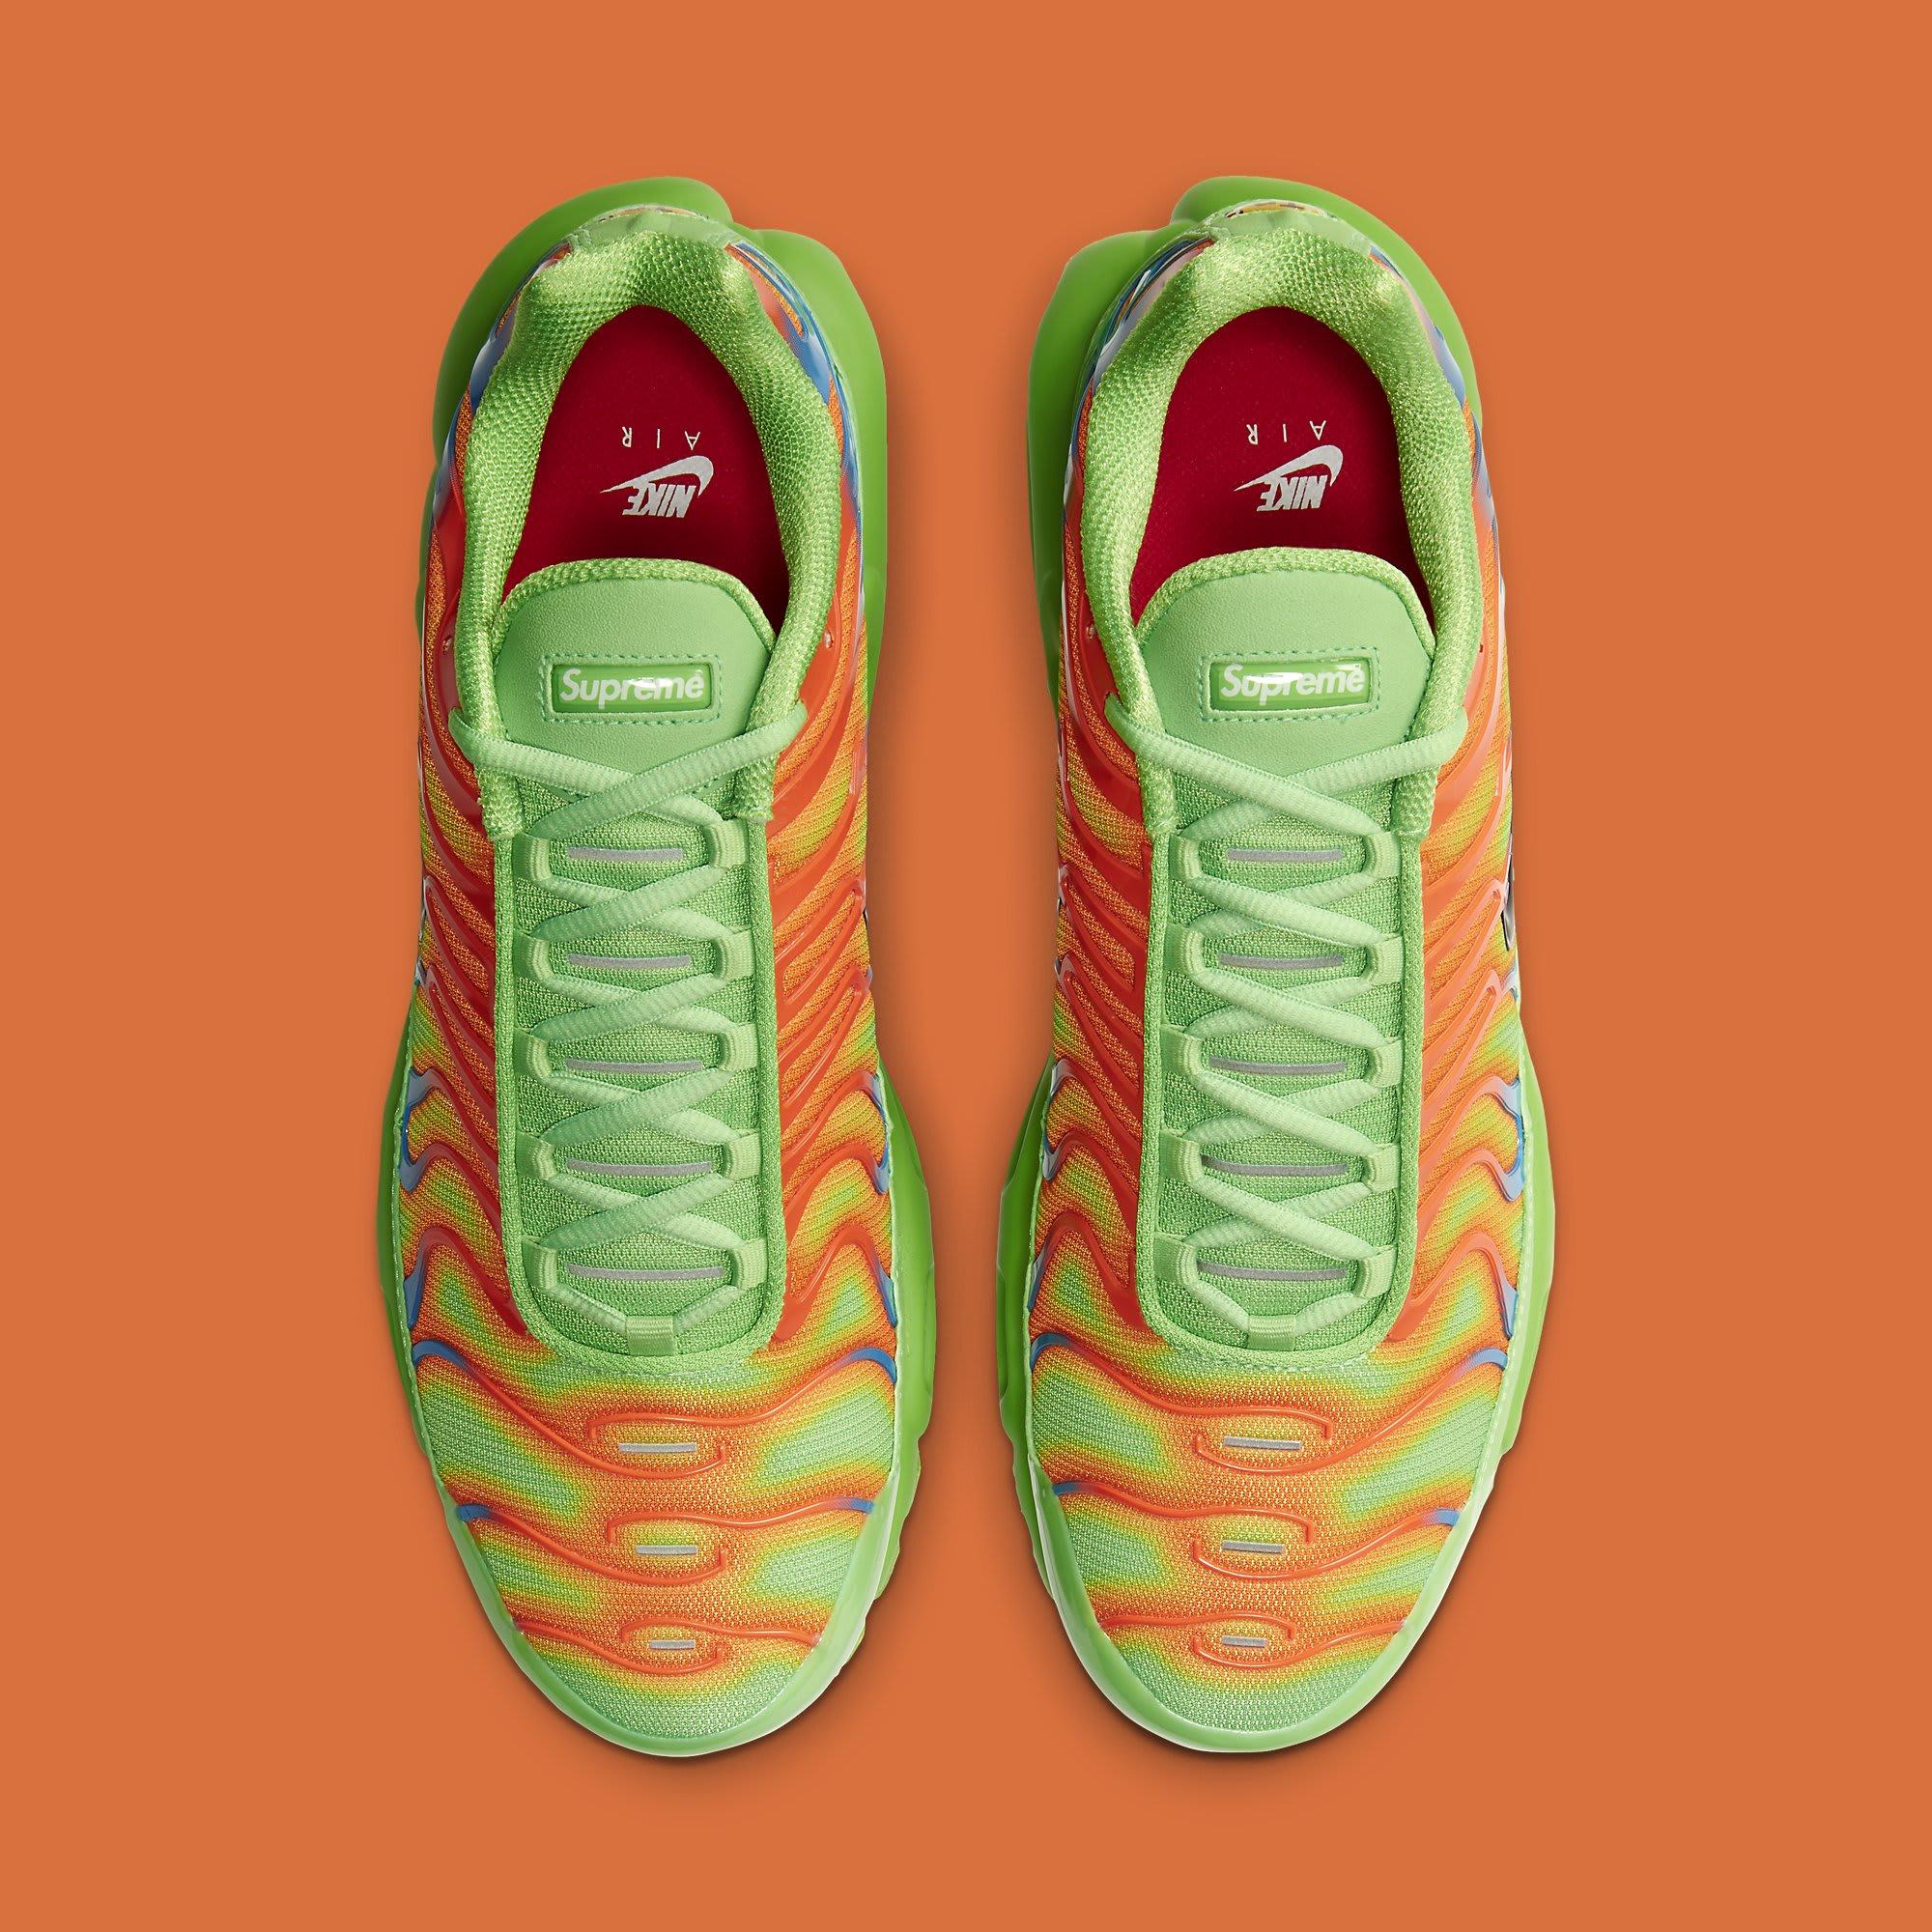 Supreme x Nike Air Max Plus 'Mean Green' DA1472-300 Top